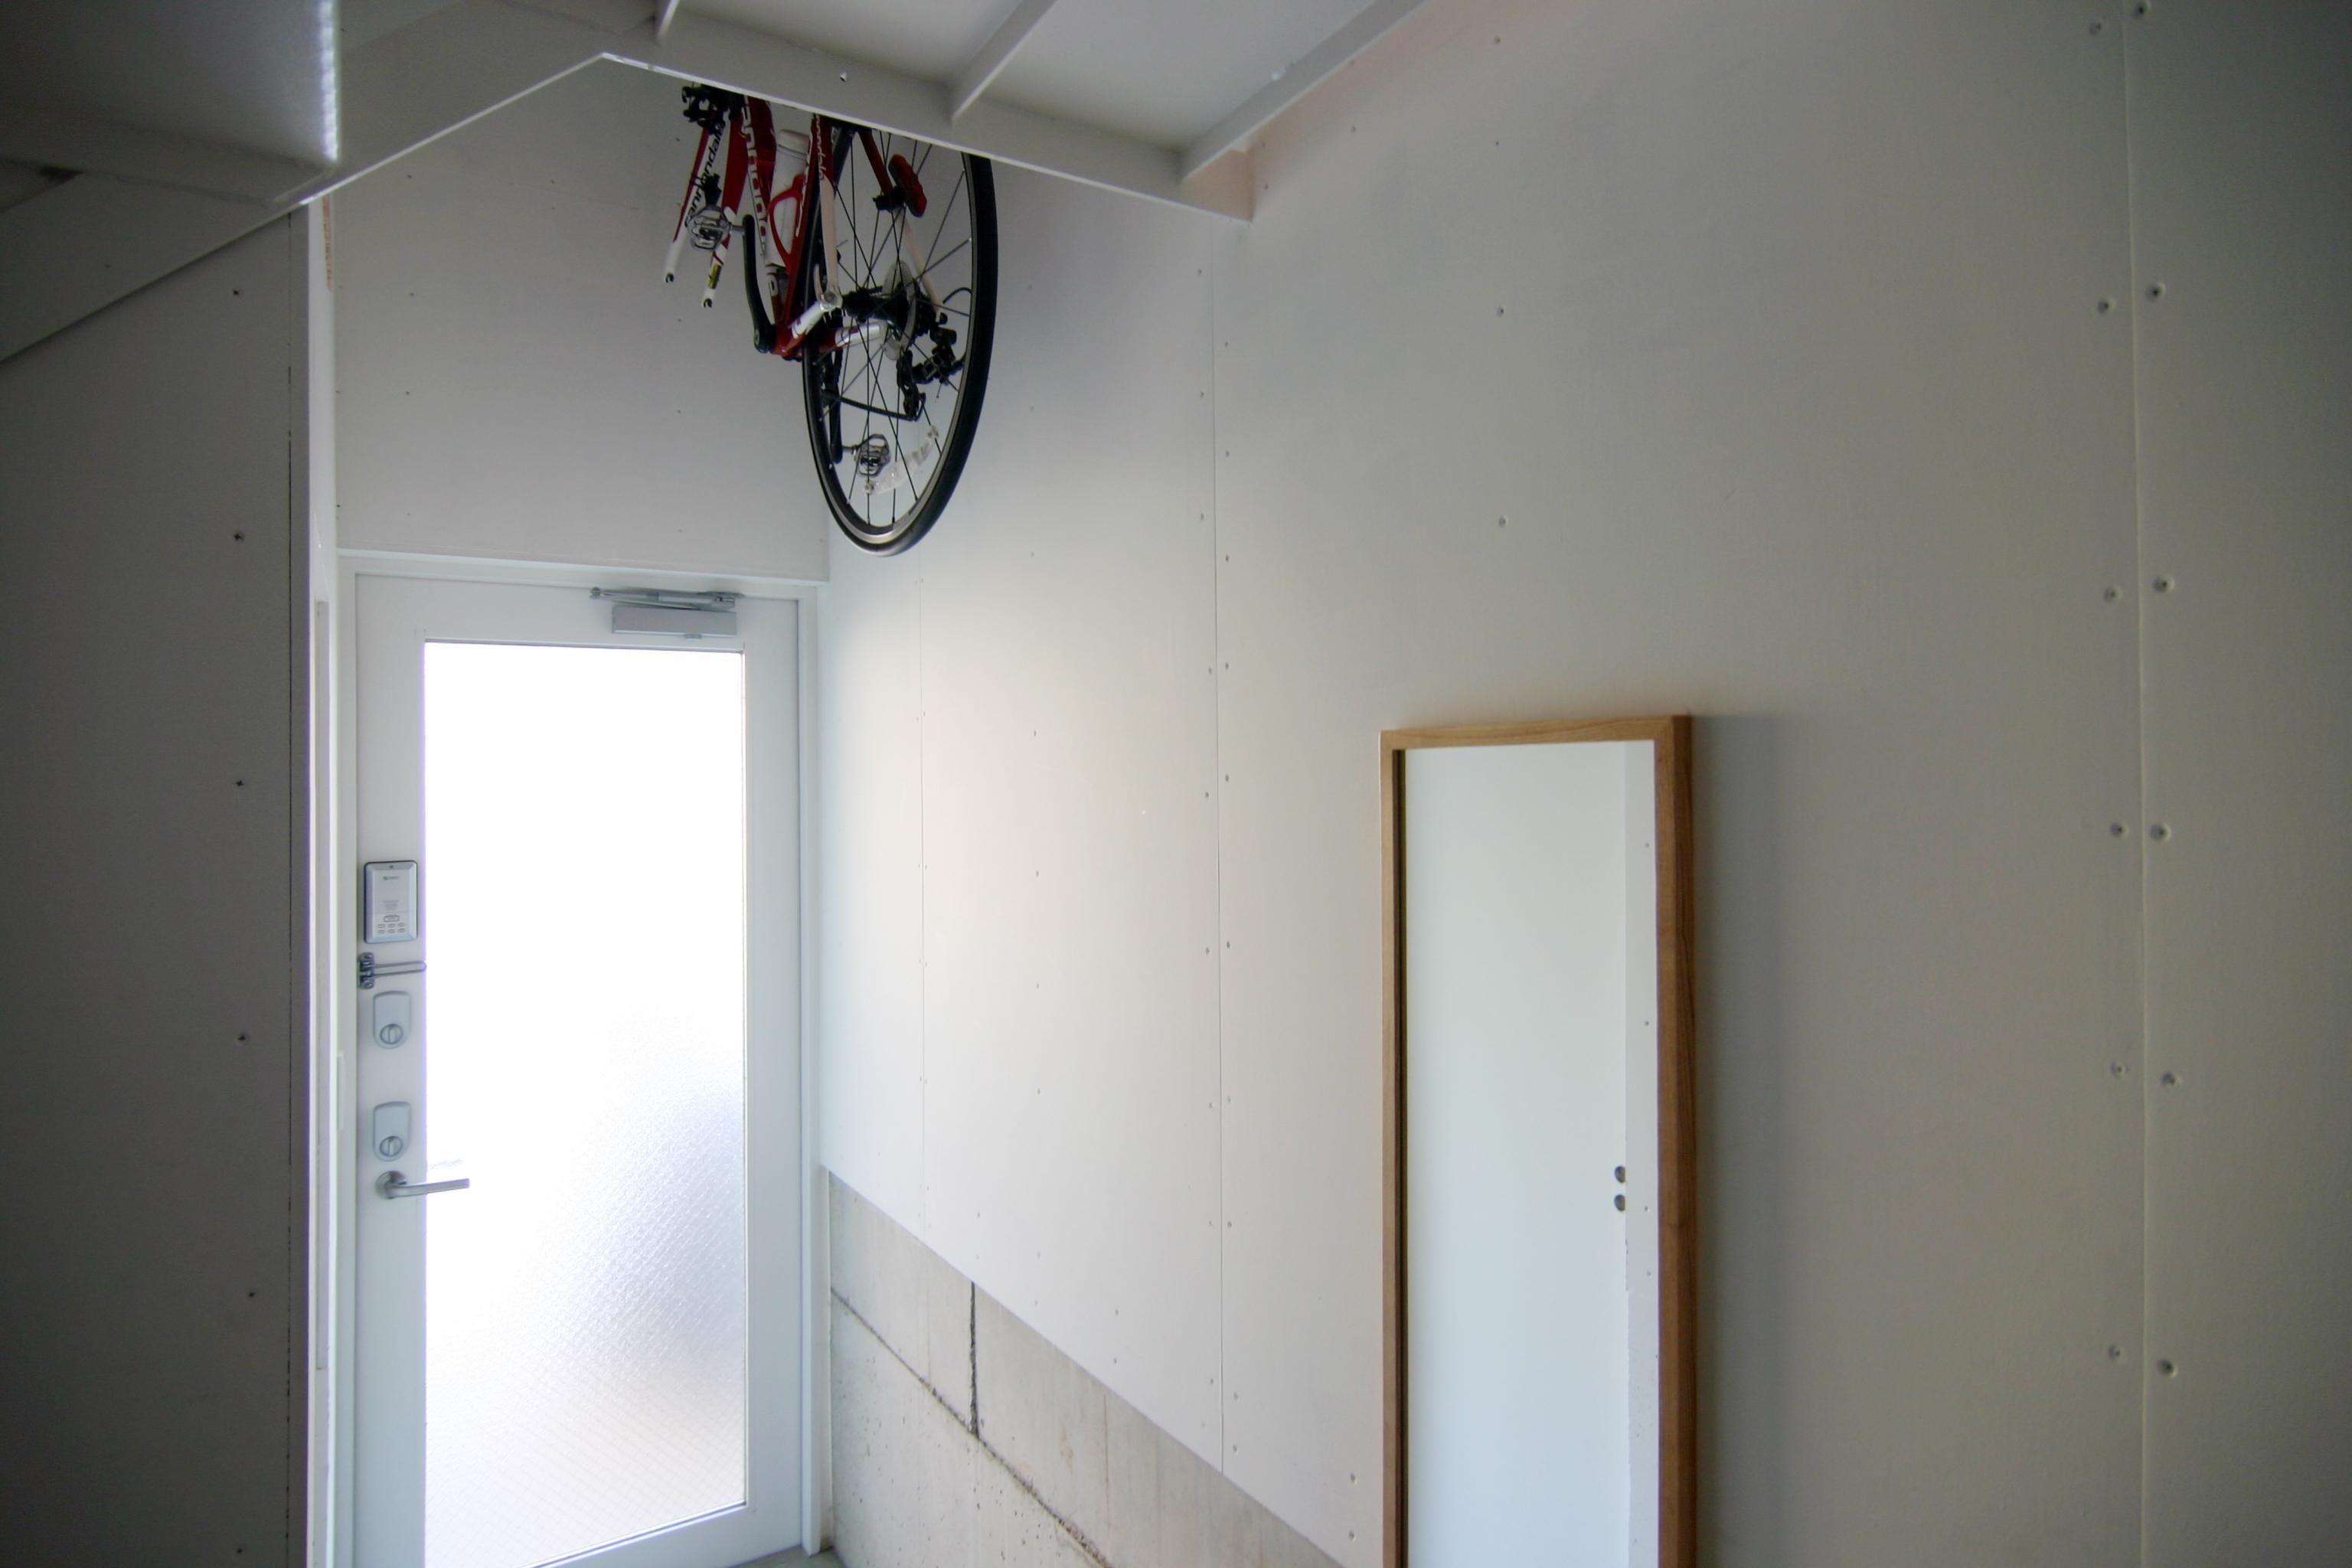 1階玄関2 10mの家 玄関事例 Suvaco スバコ 家 玄関 スバコ